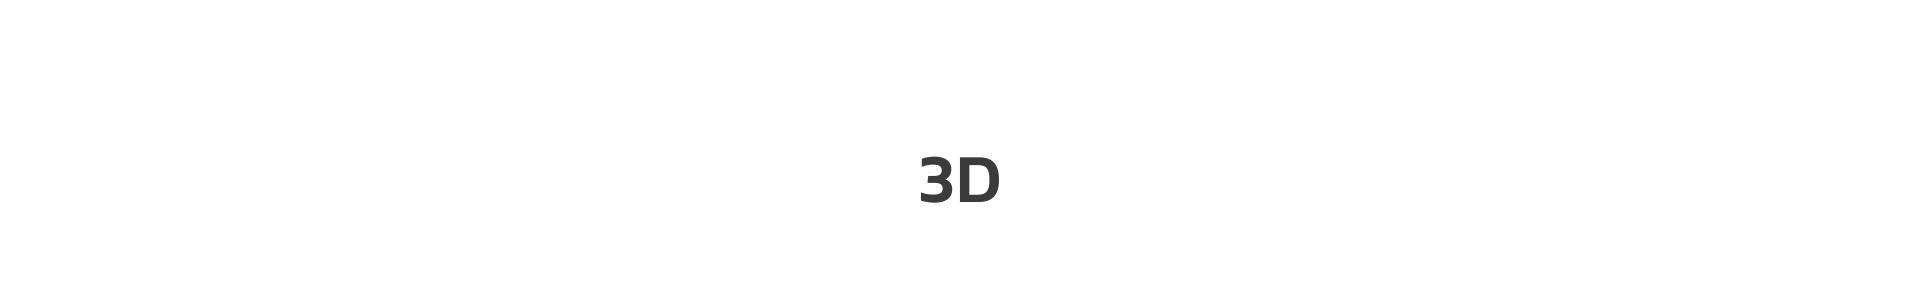 motion-design-prests-0-00-00-16